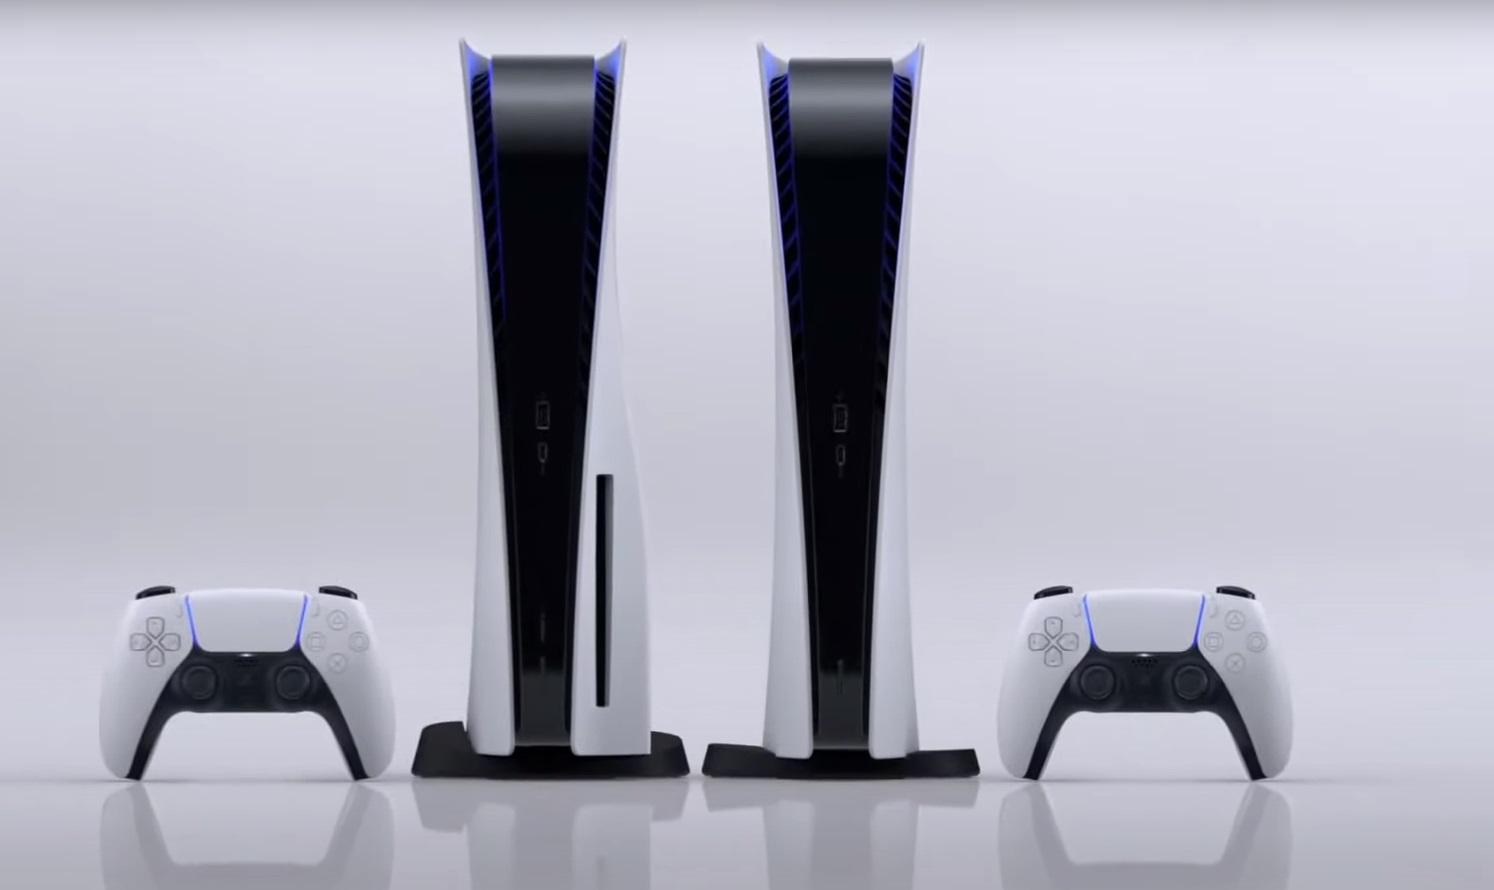 Konsole PlayStation 5 w wersji digital i z napędem oraz pady Dualshock 5